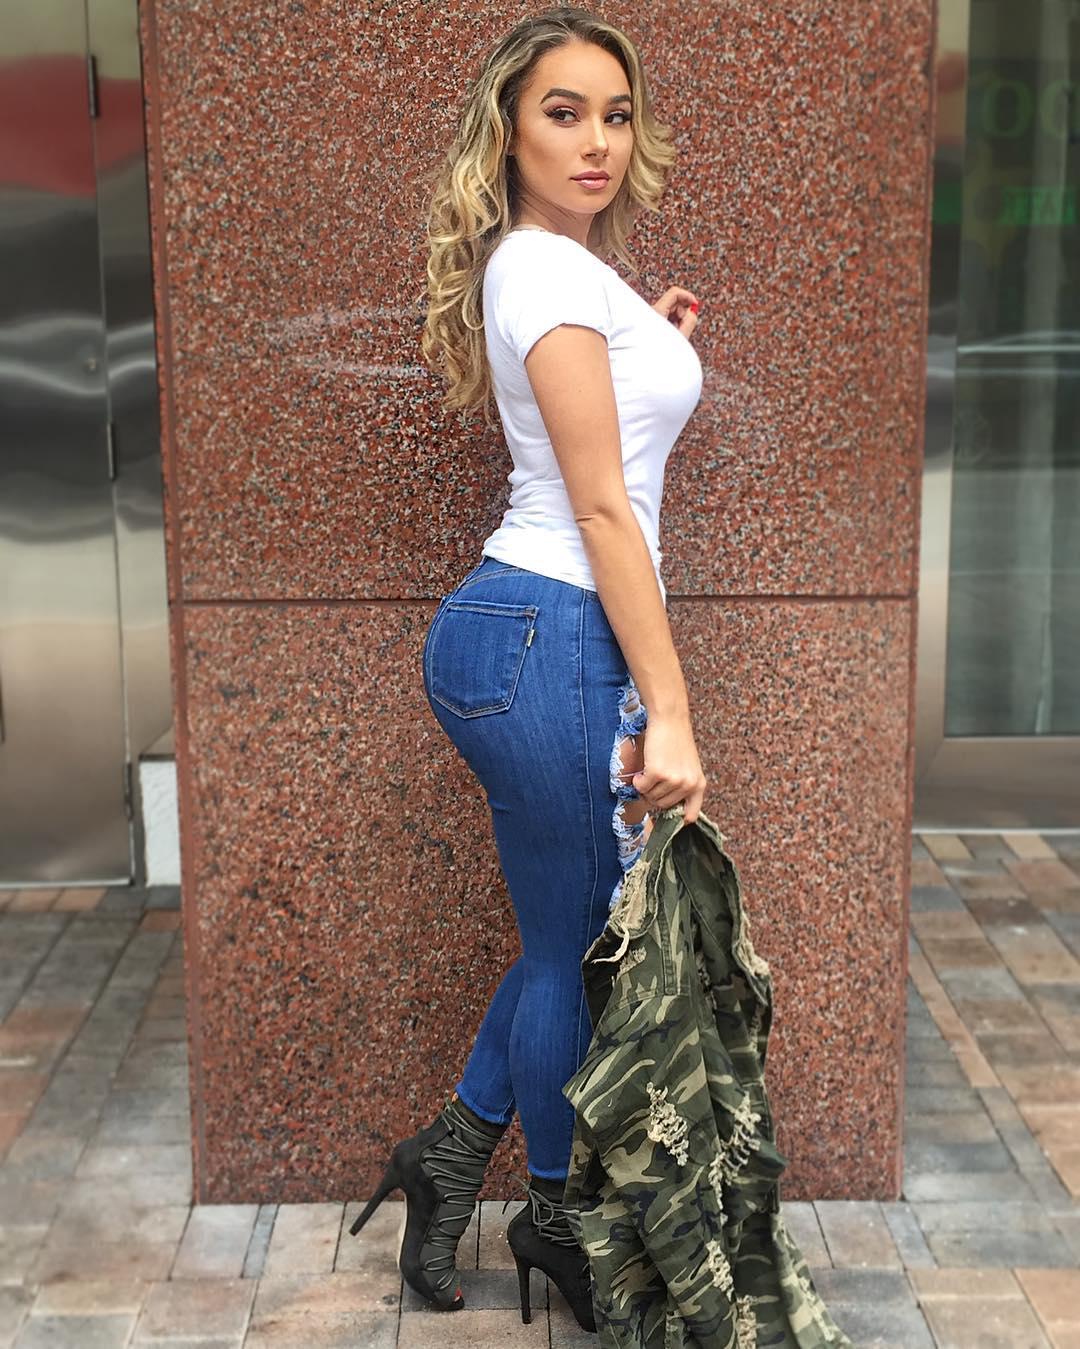 bella_potente shoeland fan / influencer